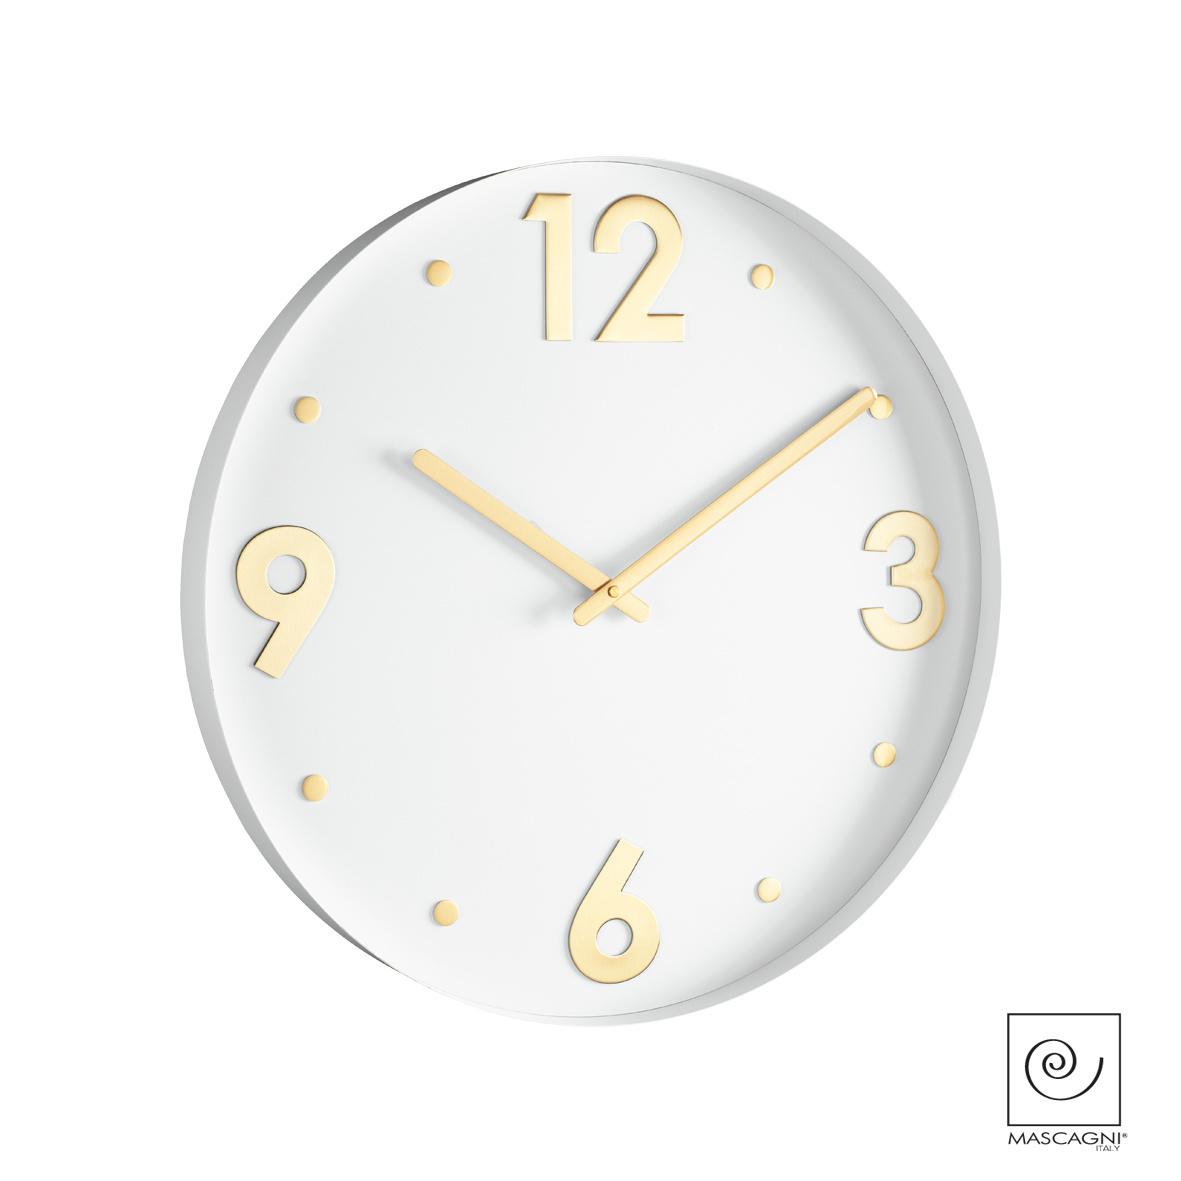 Art Mascagni M575 CLOCK DIAM.50